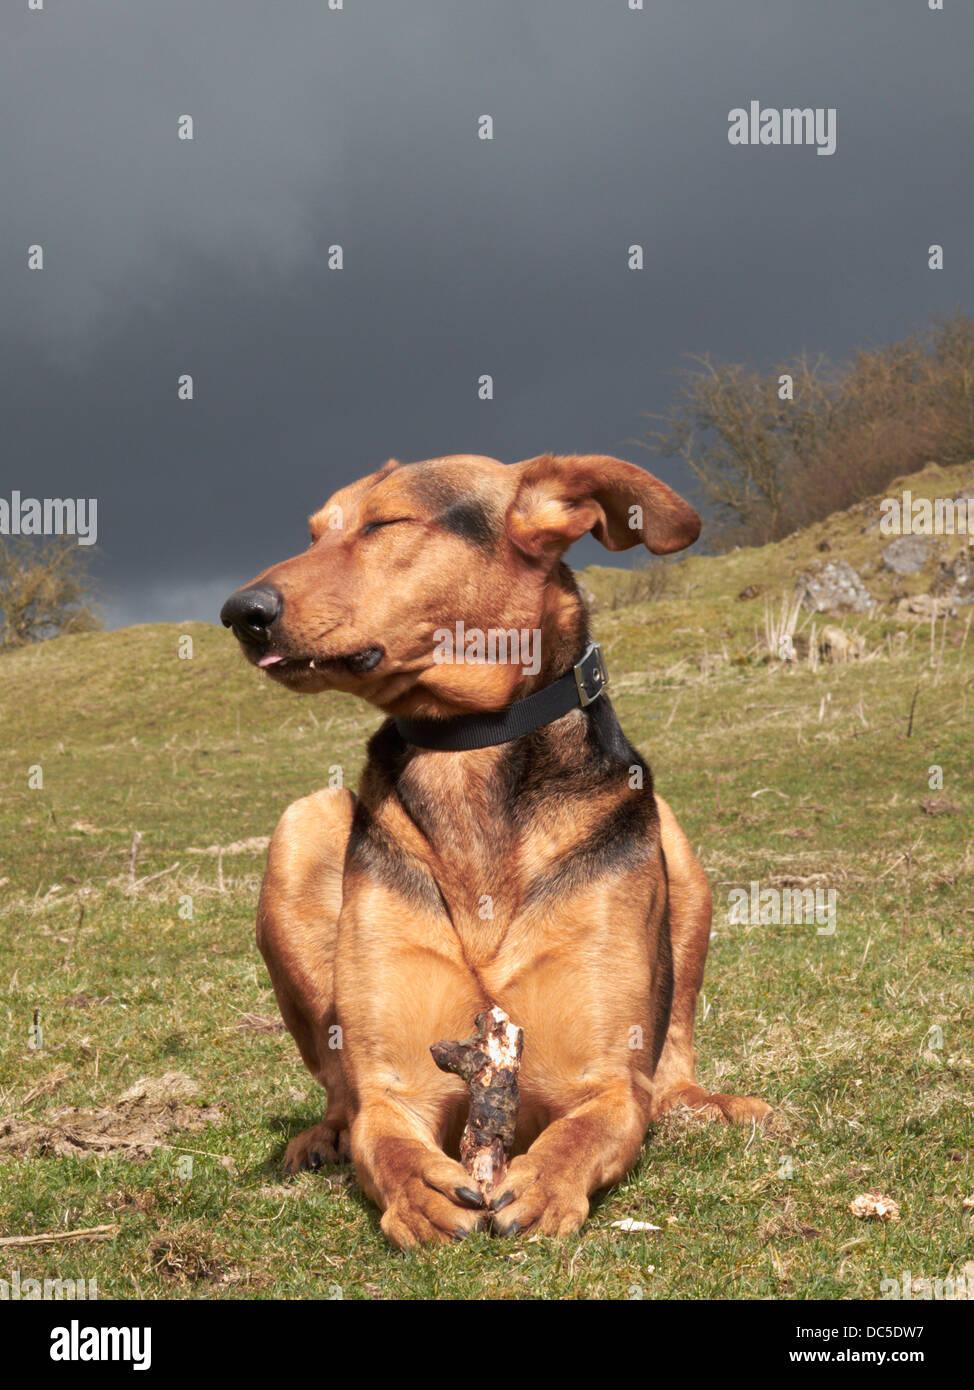 Prone Dog - Stock Image